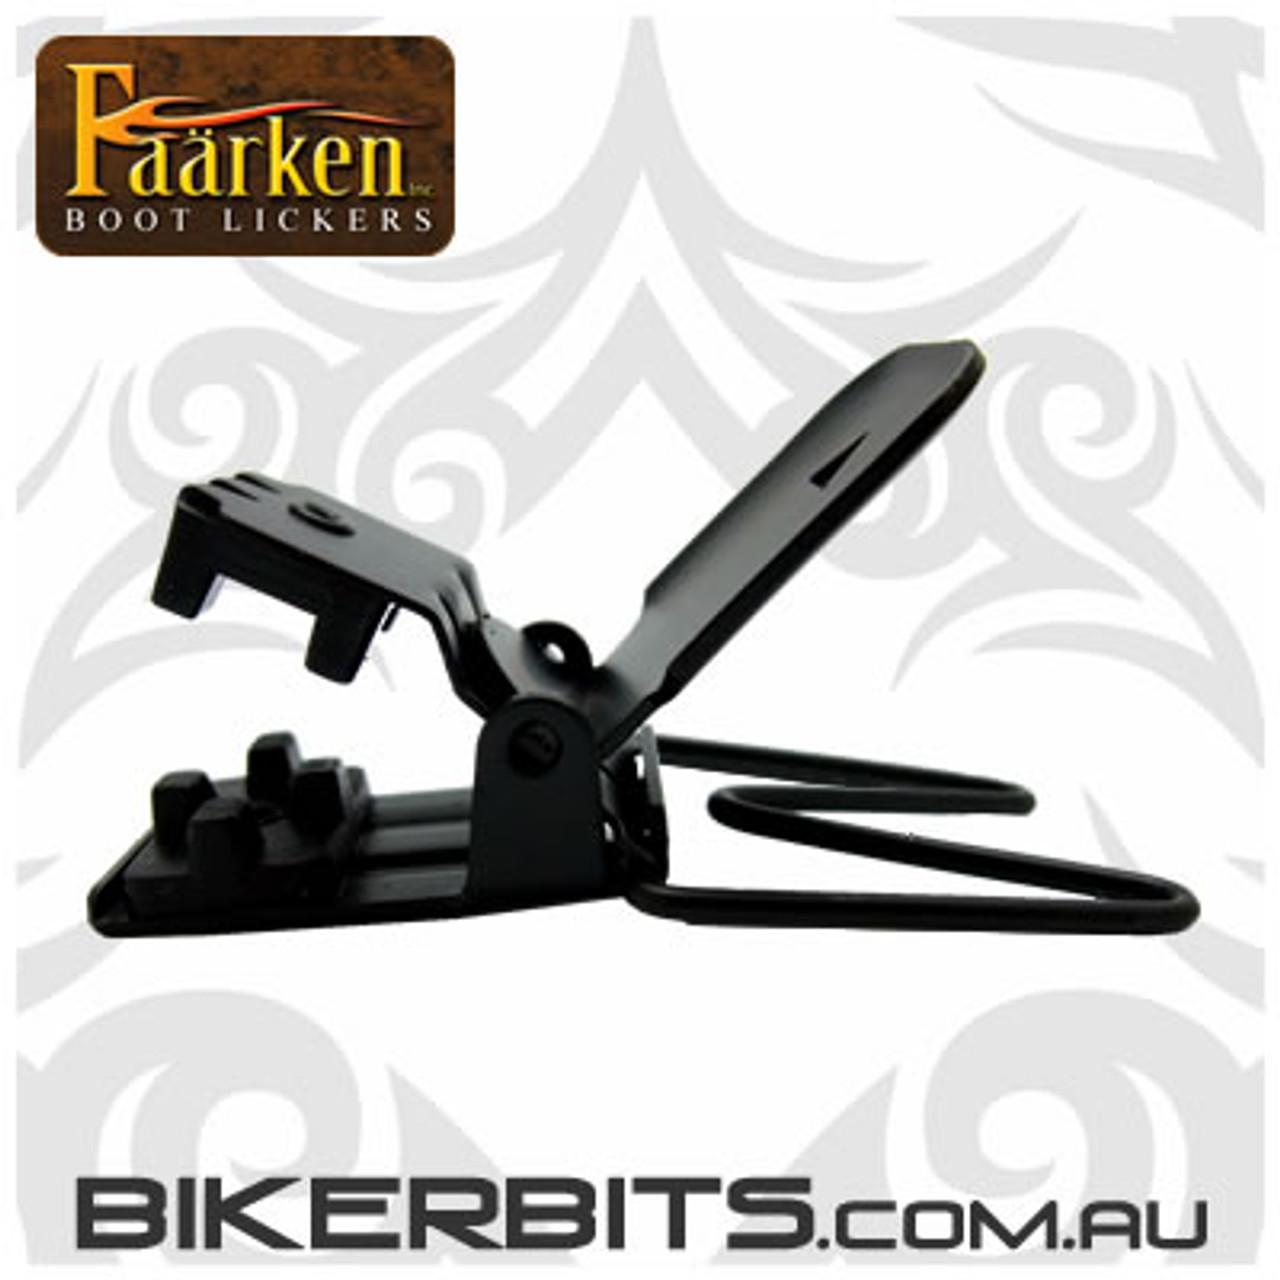 Faarken Biker Boot Lickers - Tribal - Black